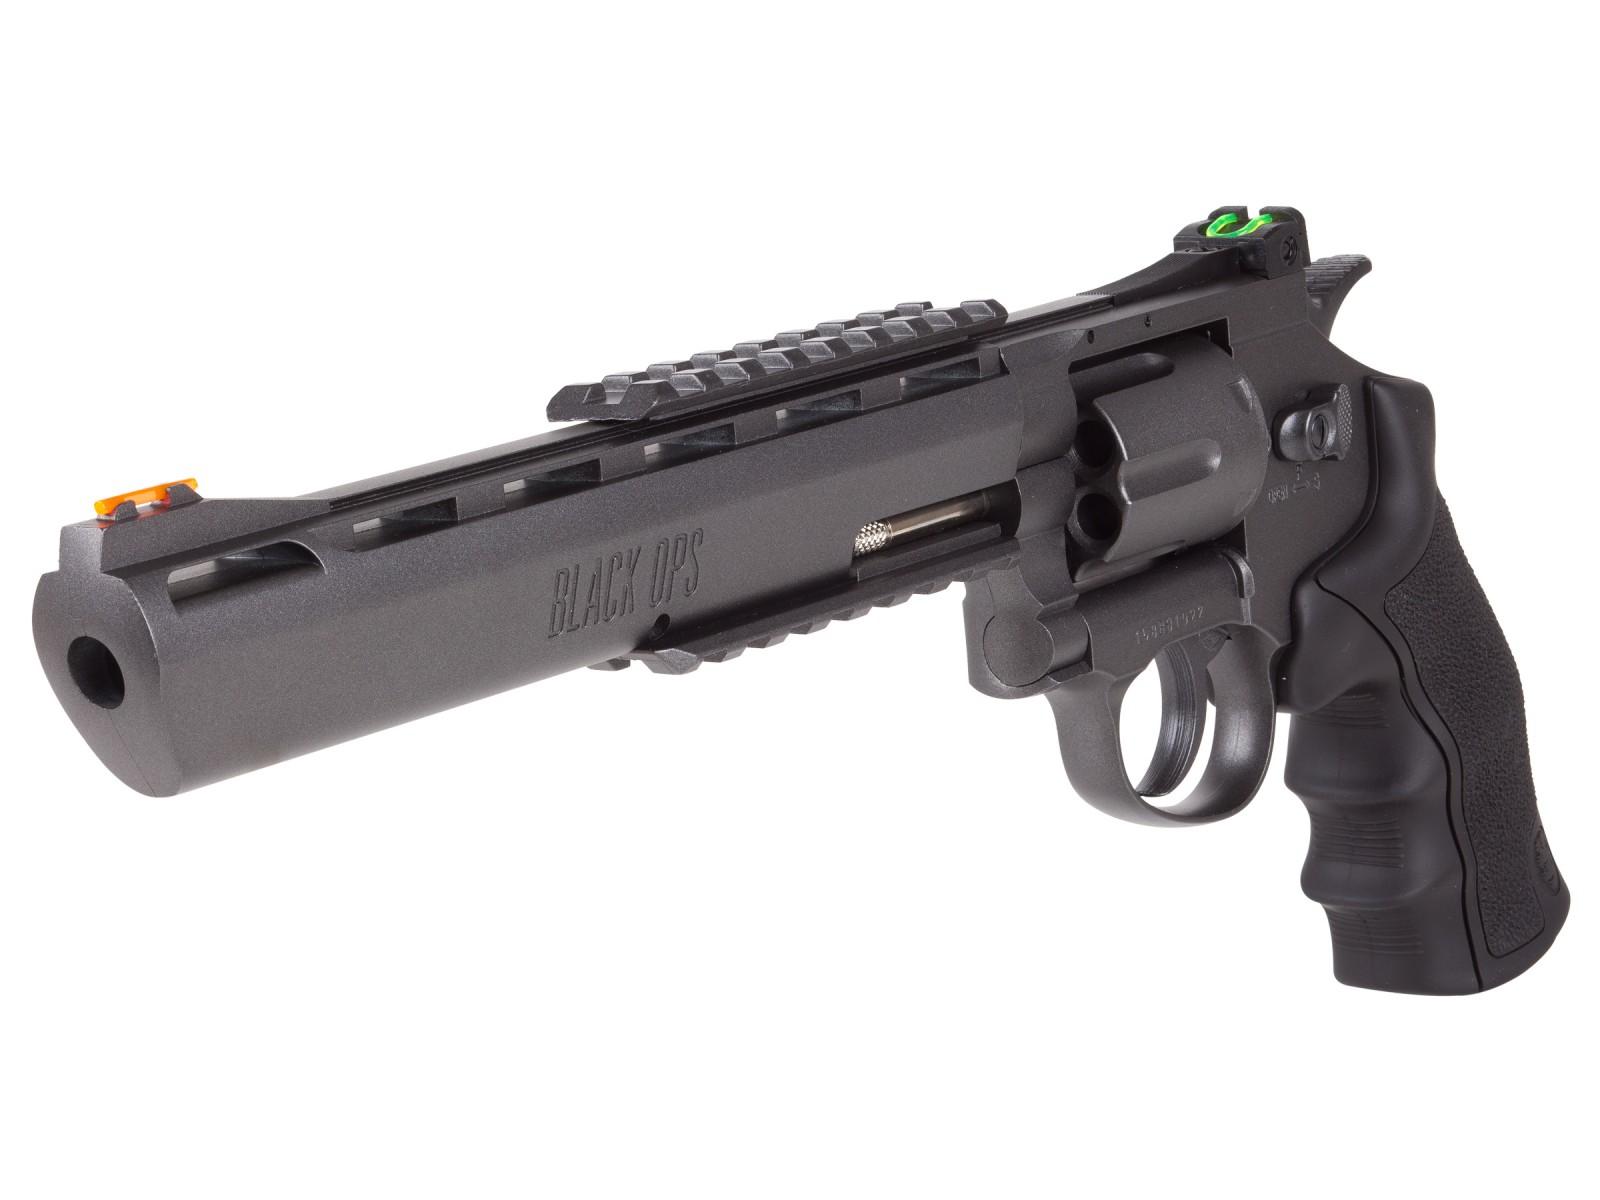 black ops exterminator co2 bb revolver air guns